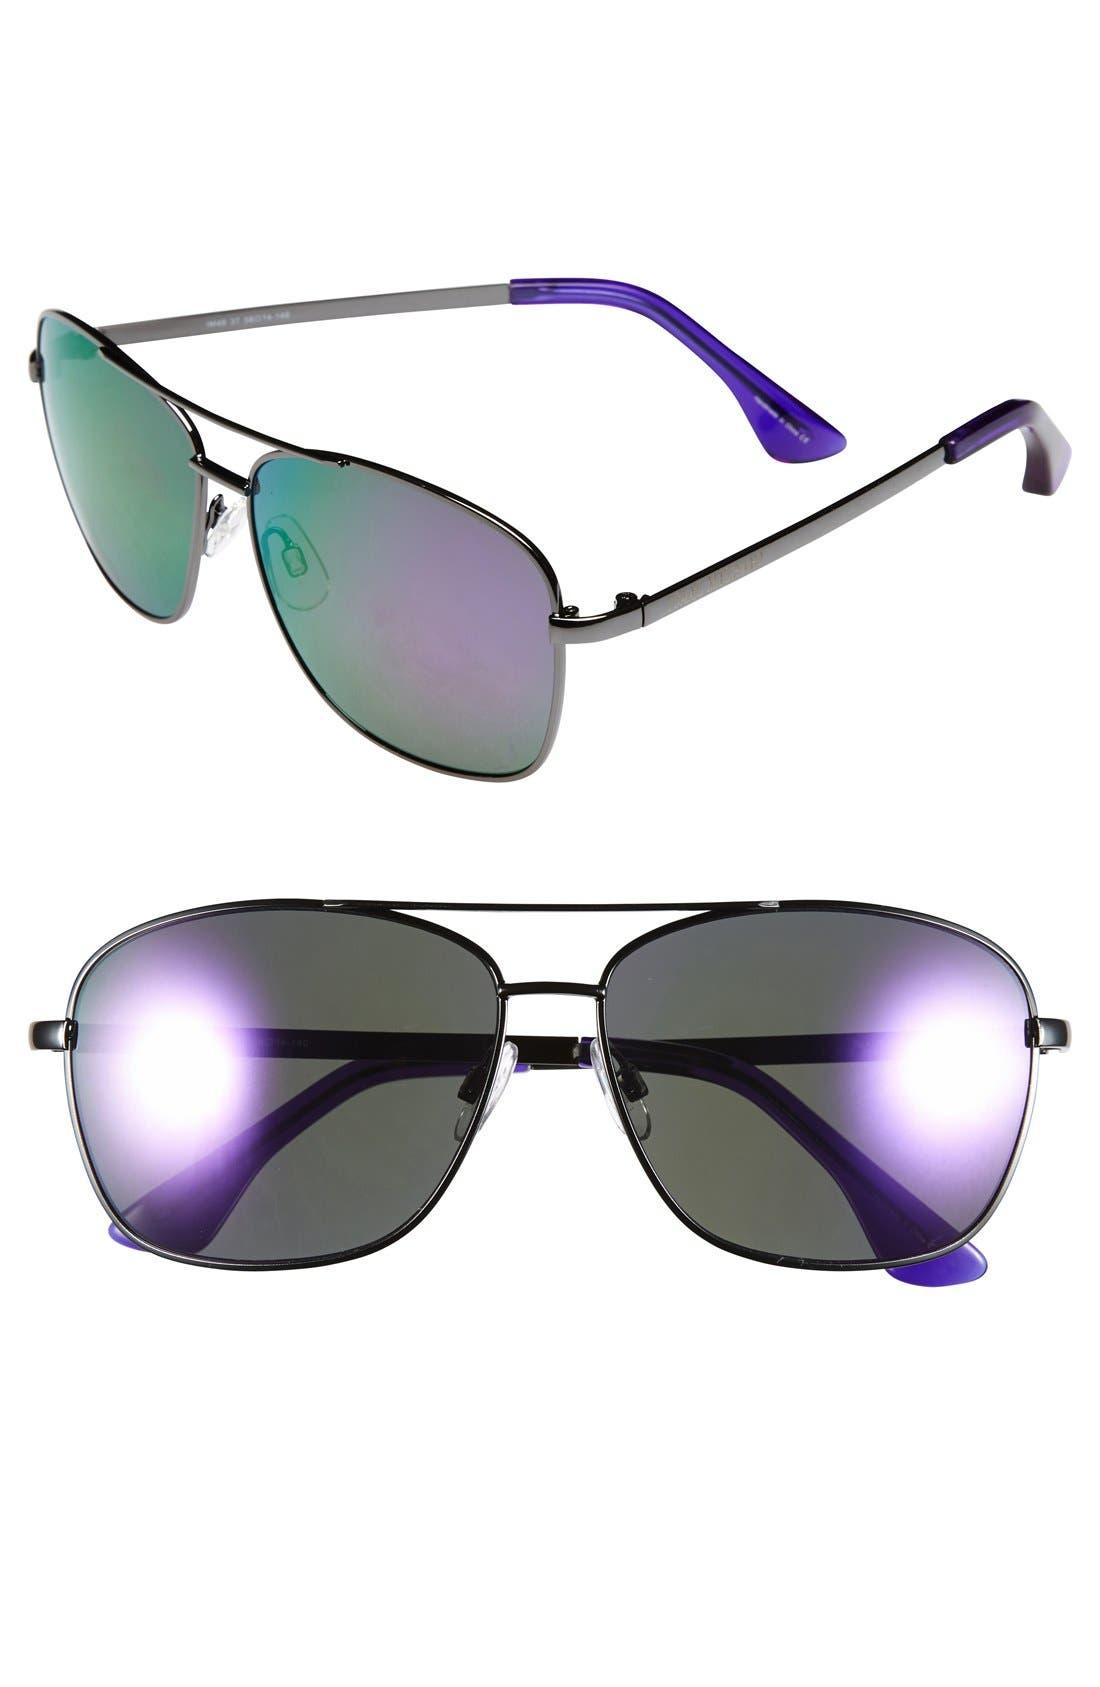 Main Image - Isaac Mizrahi New York 58mm Aviator Sunglasses